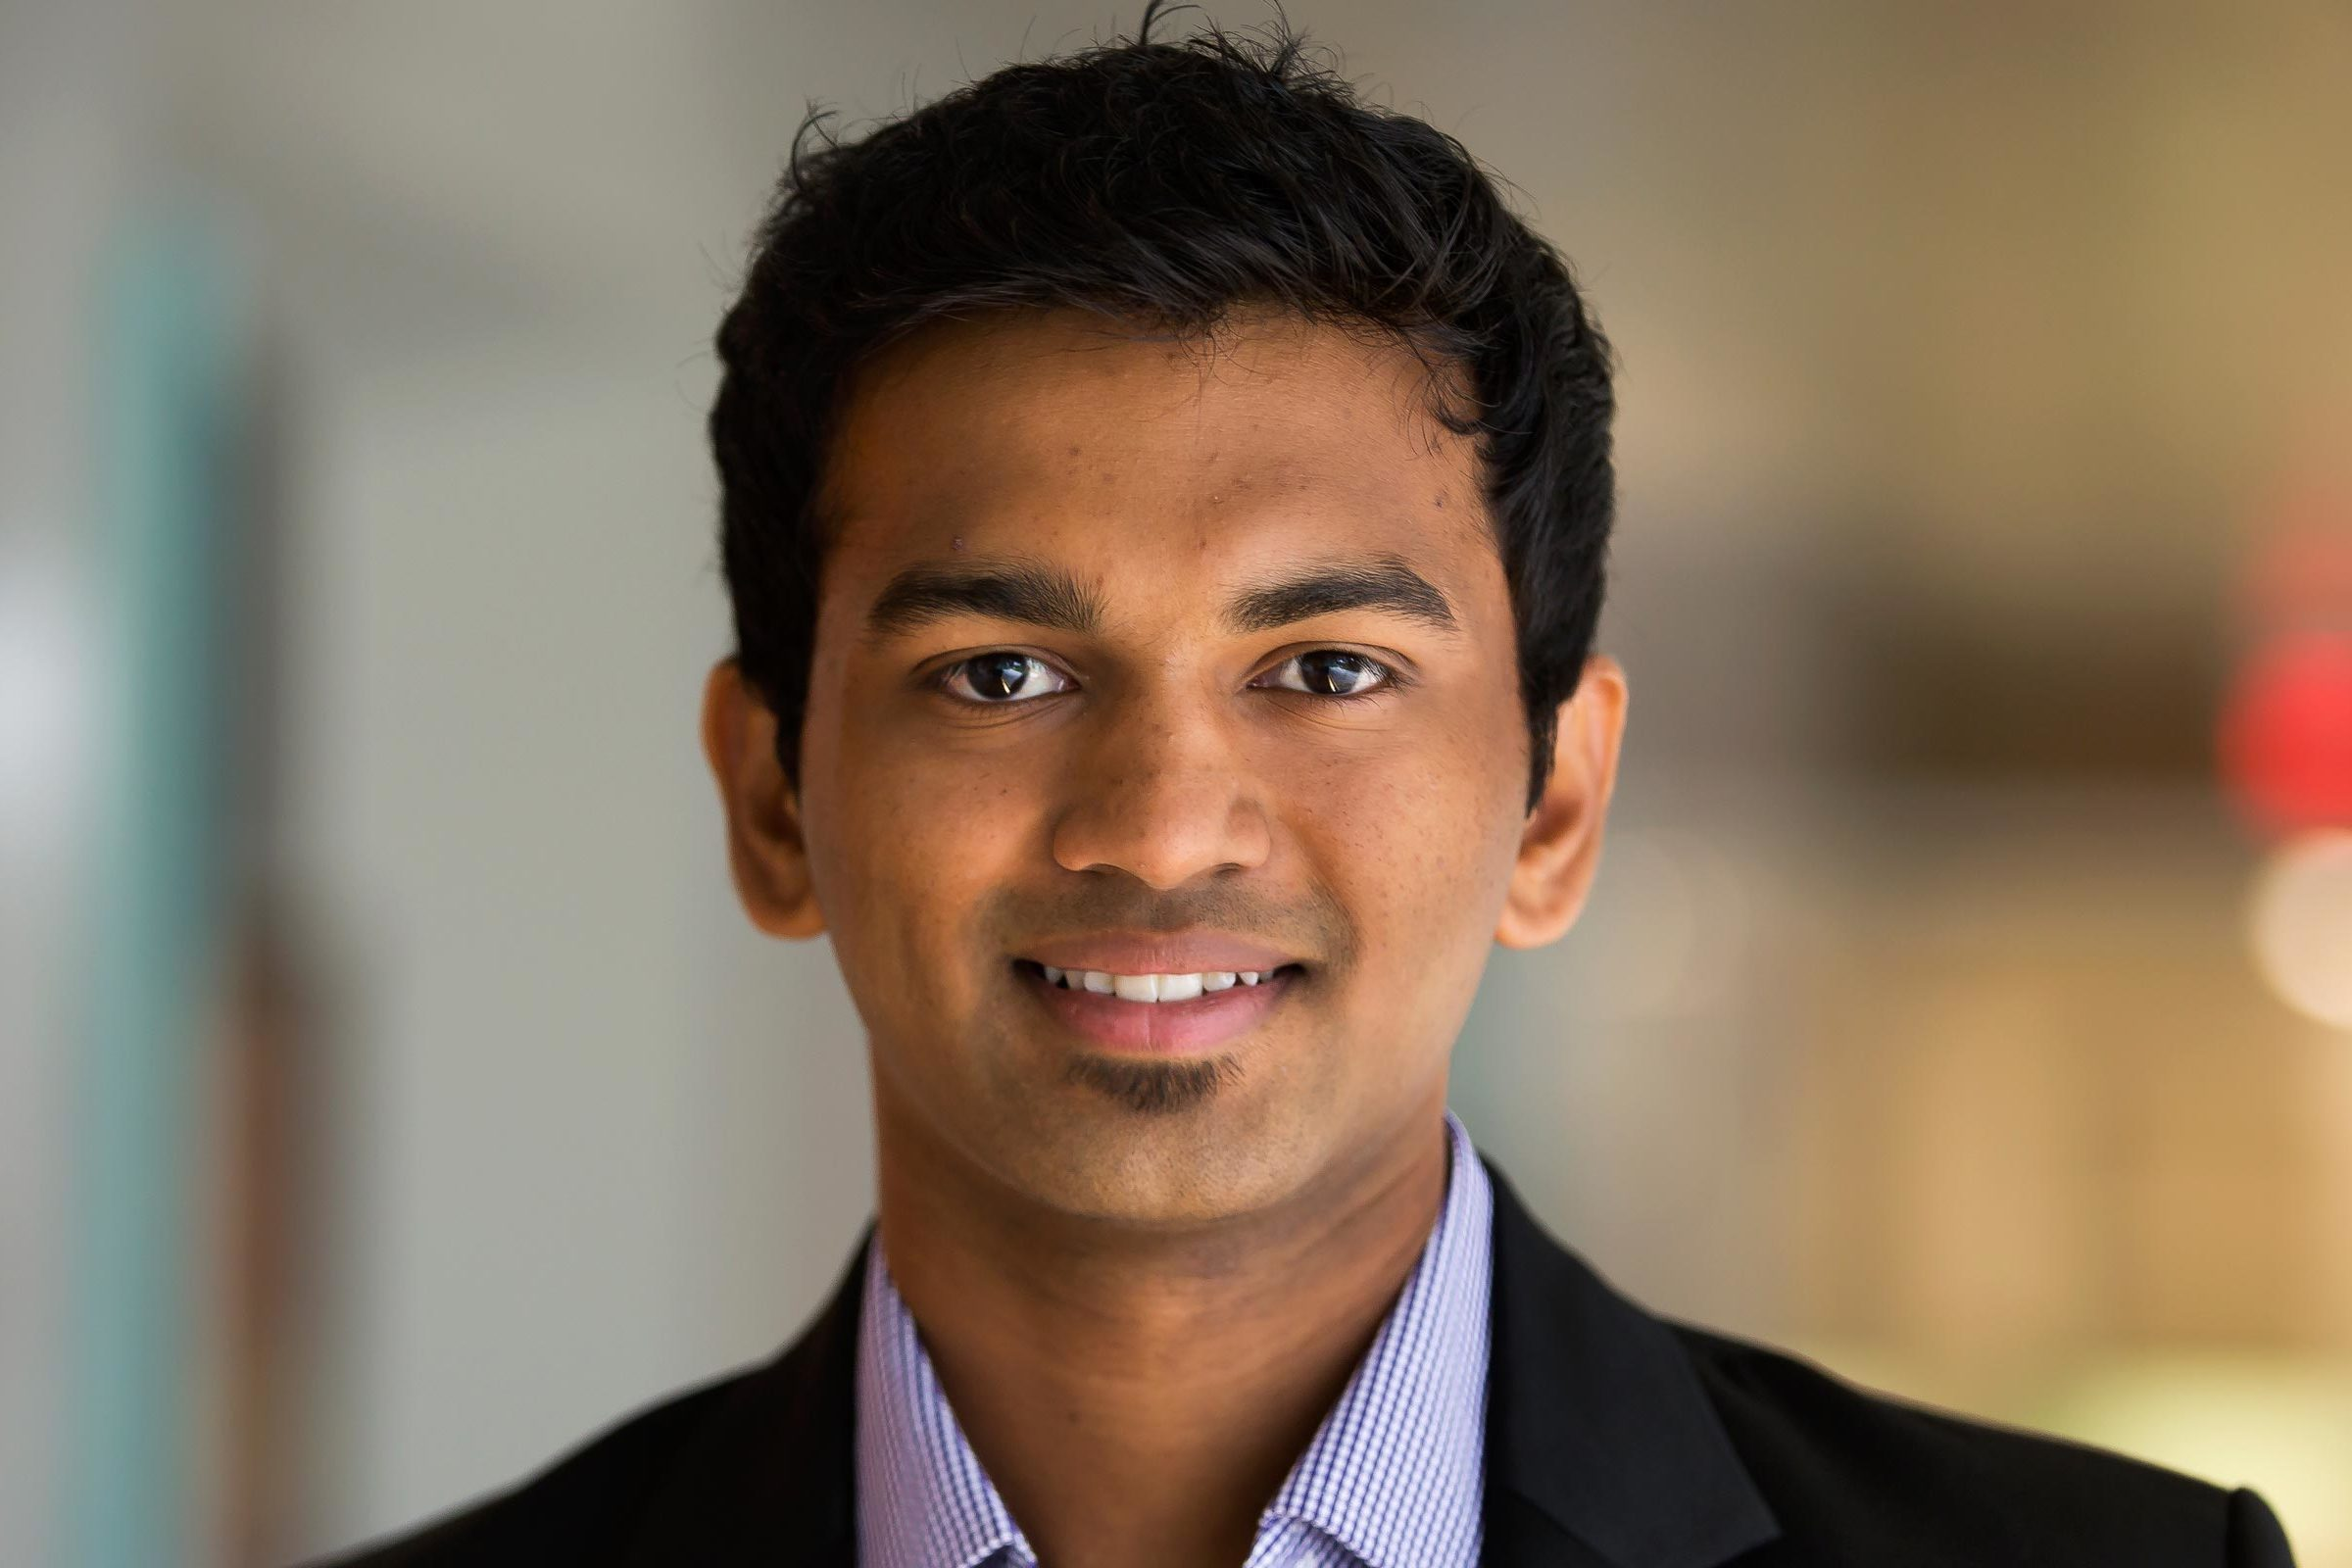 Portrait of Arjun Kannan